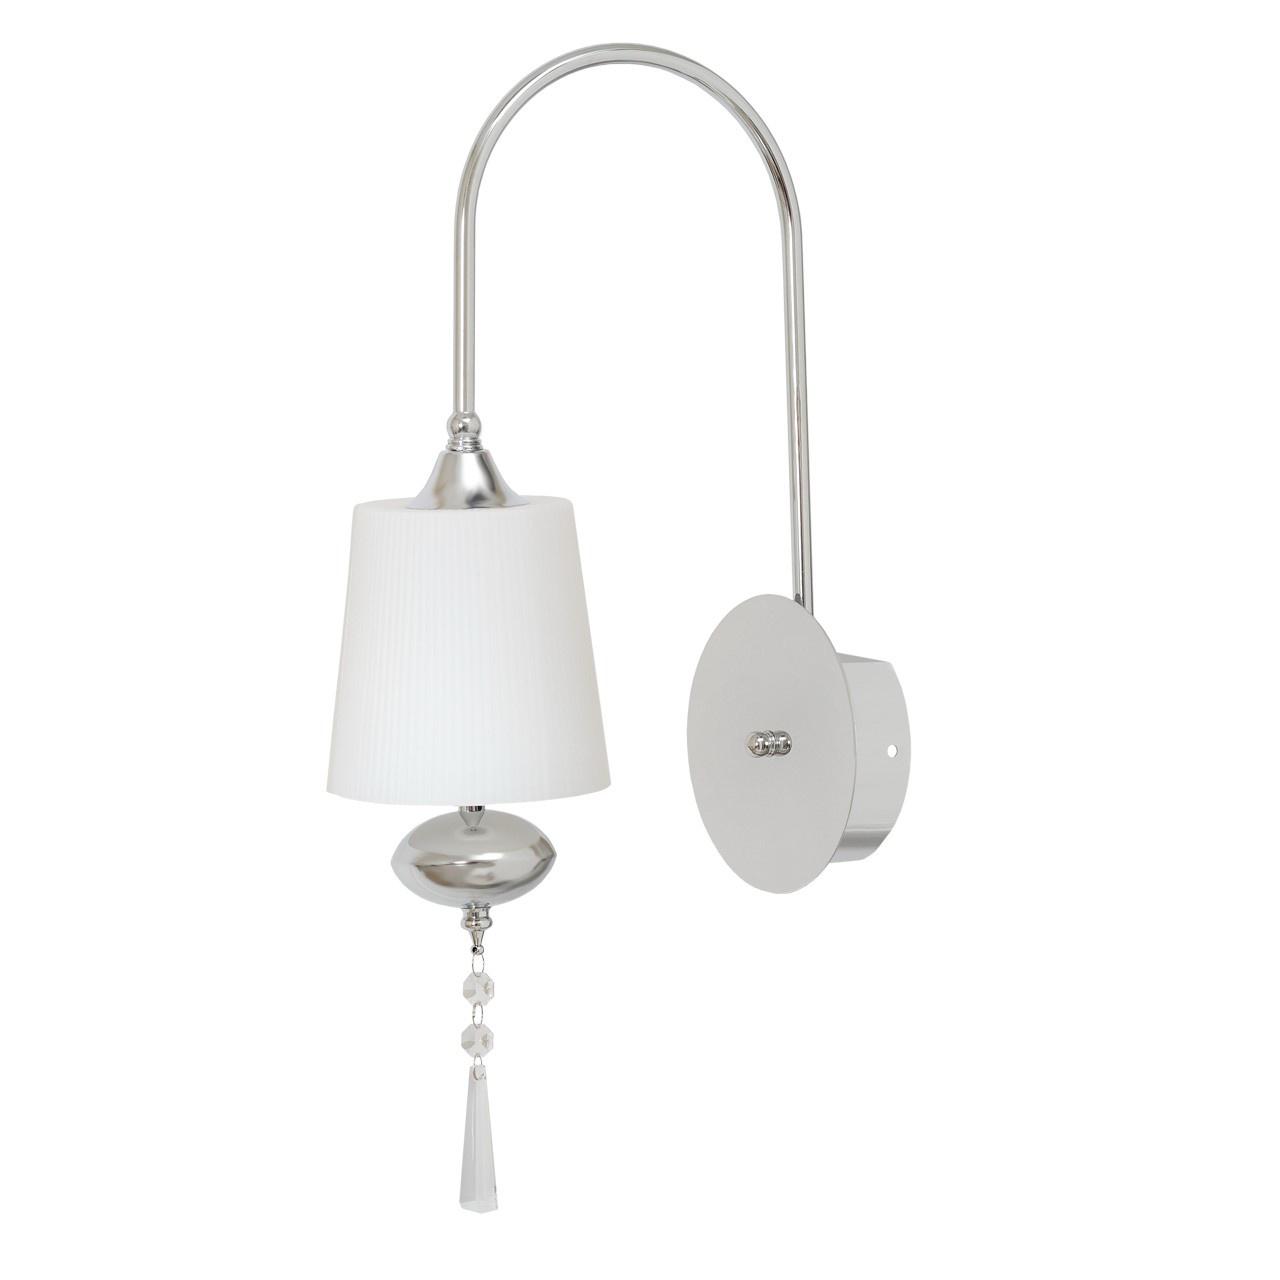 Настенный светильник Chiaro 1 х 20W, G4, 220 V, G4